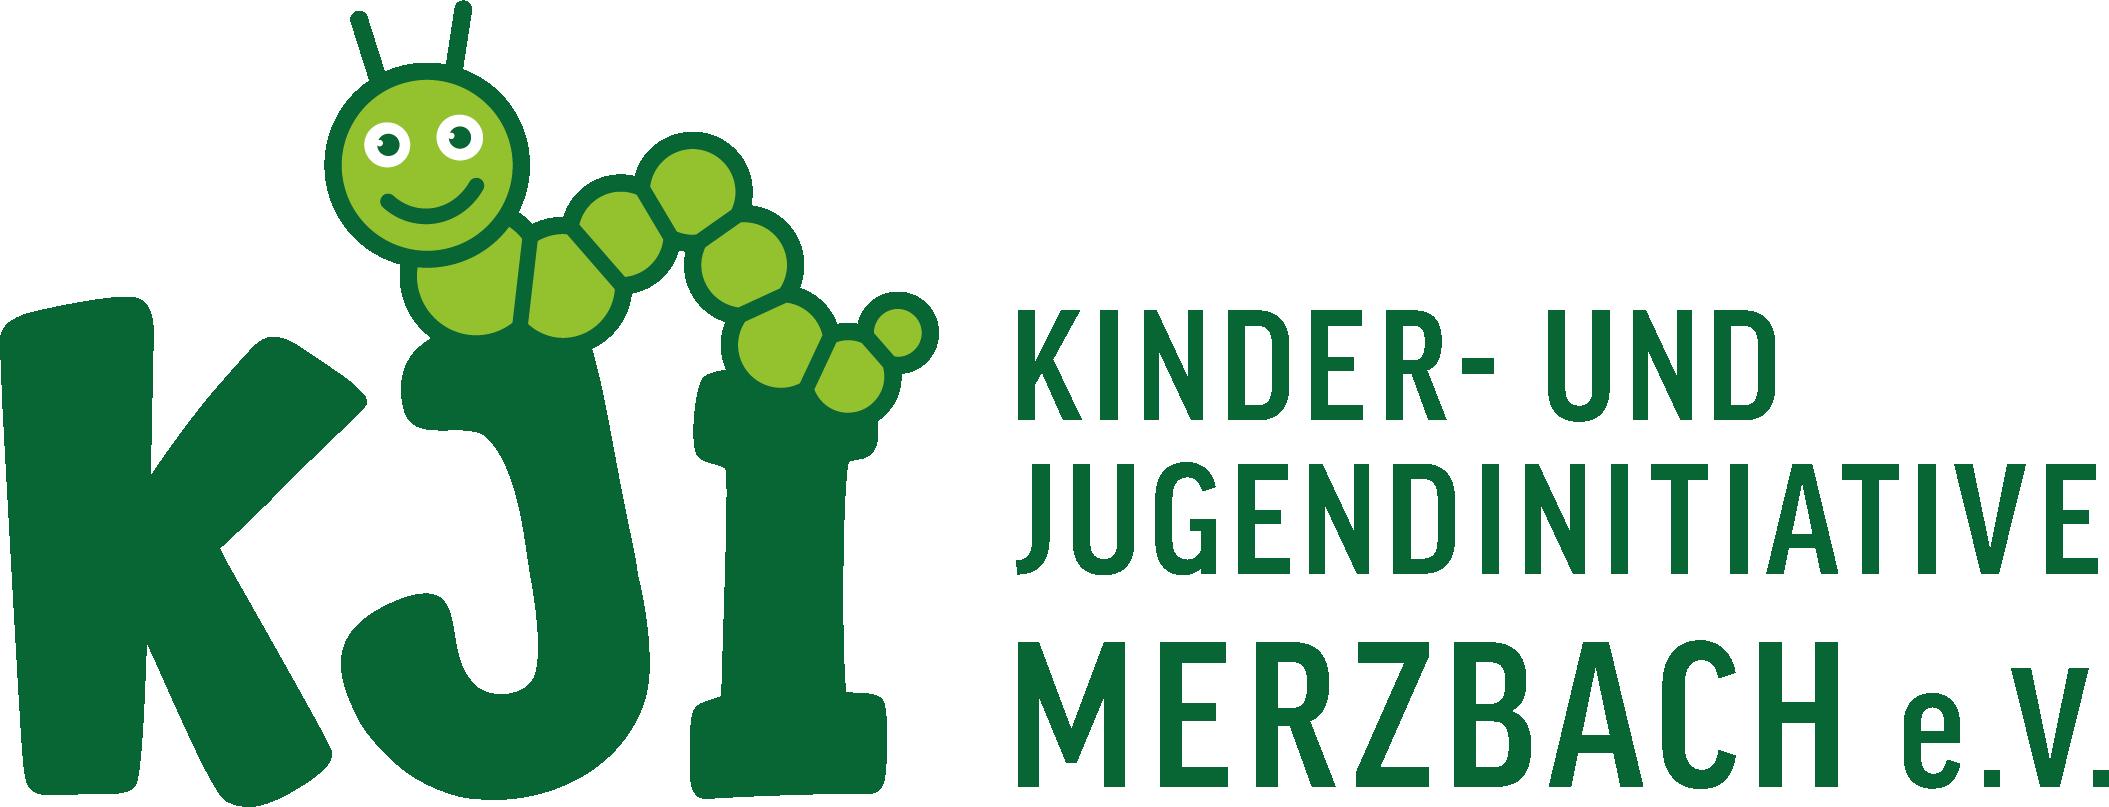 KJI-Merzbach